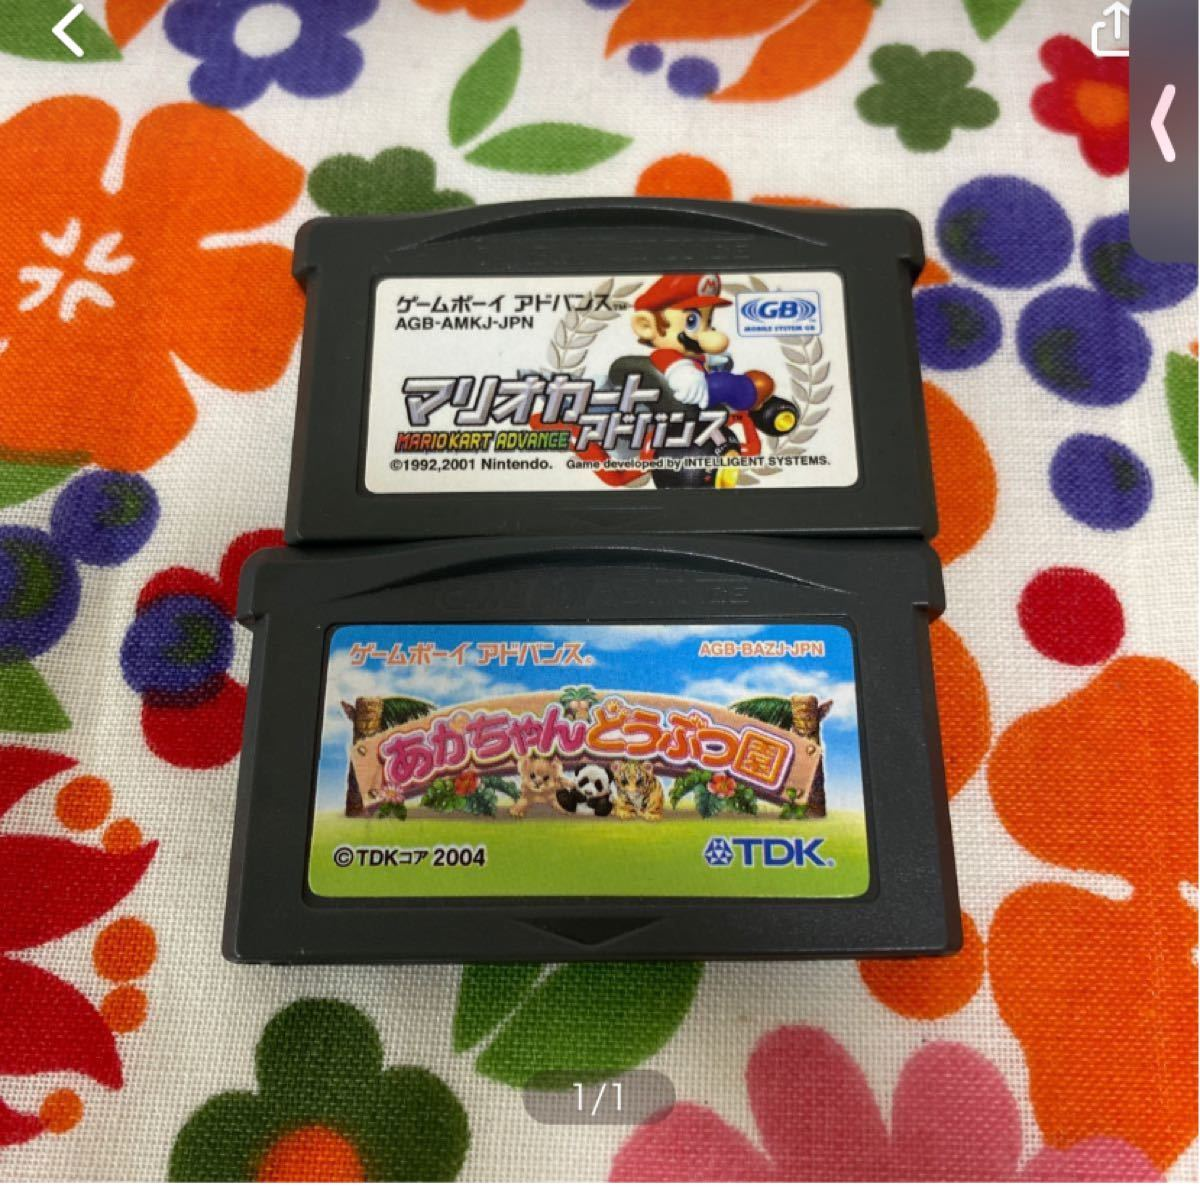 ゲームボーイミクロ GAME BOY micro 任天堂 ゲームボーイ ソフト6つセット+おまけ付き